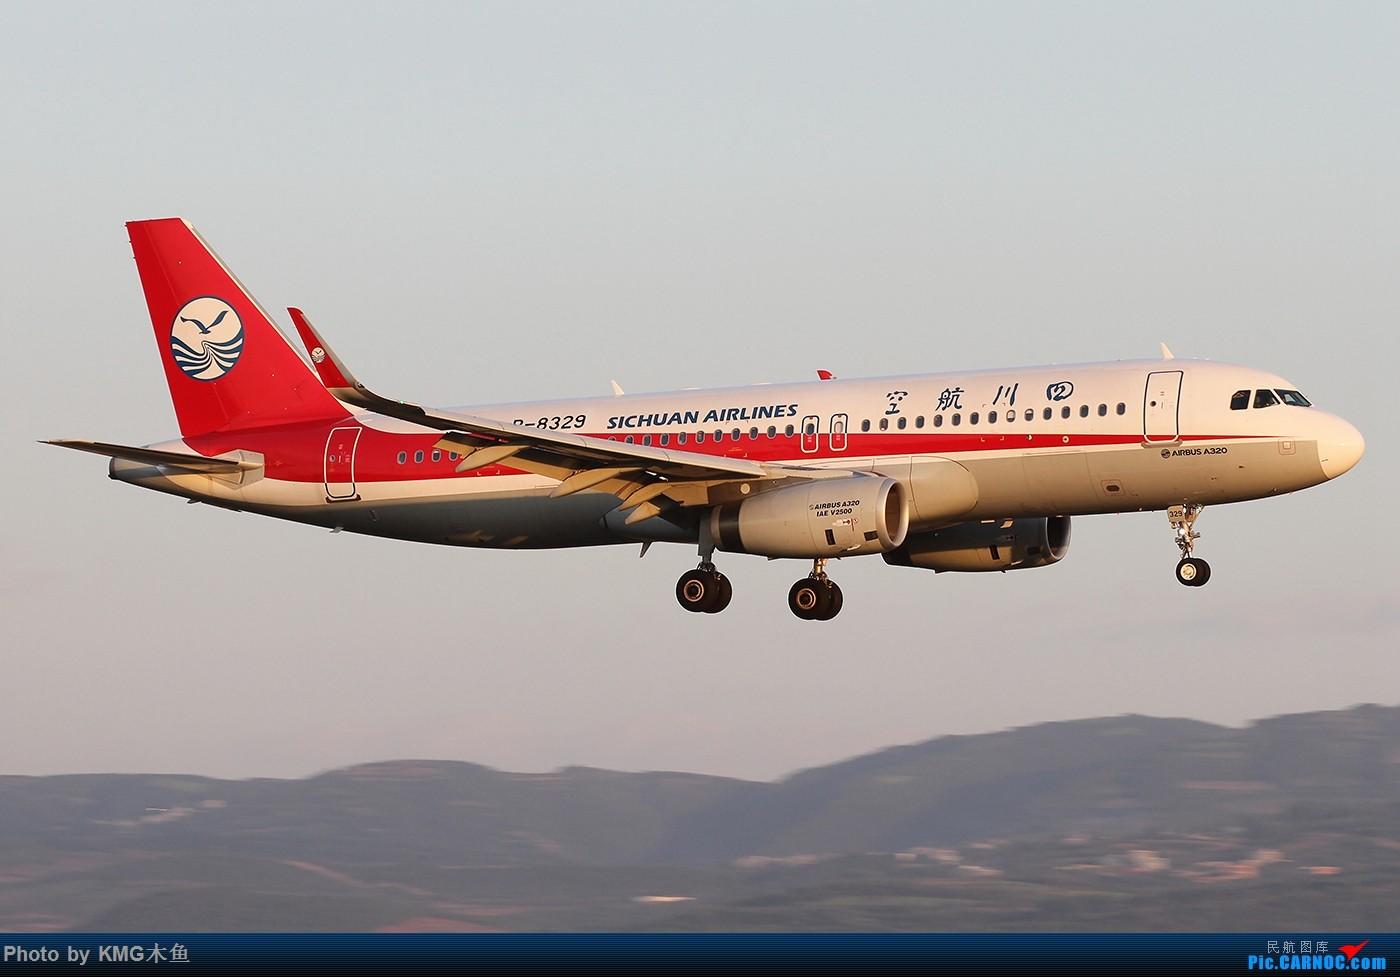 Re:[原创]【昆明长水国际机场-KMG木鱼拍机】啥时候能晴天,我想拍飞机了 AIRBUS A320-200 B-8329 中国昆明长水国际机场